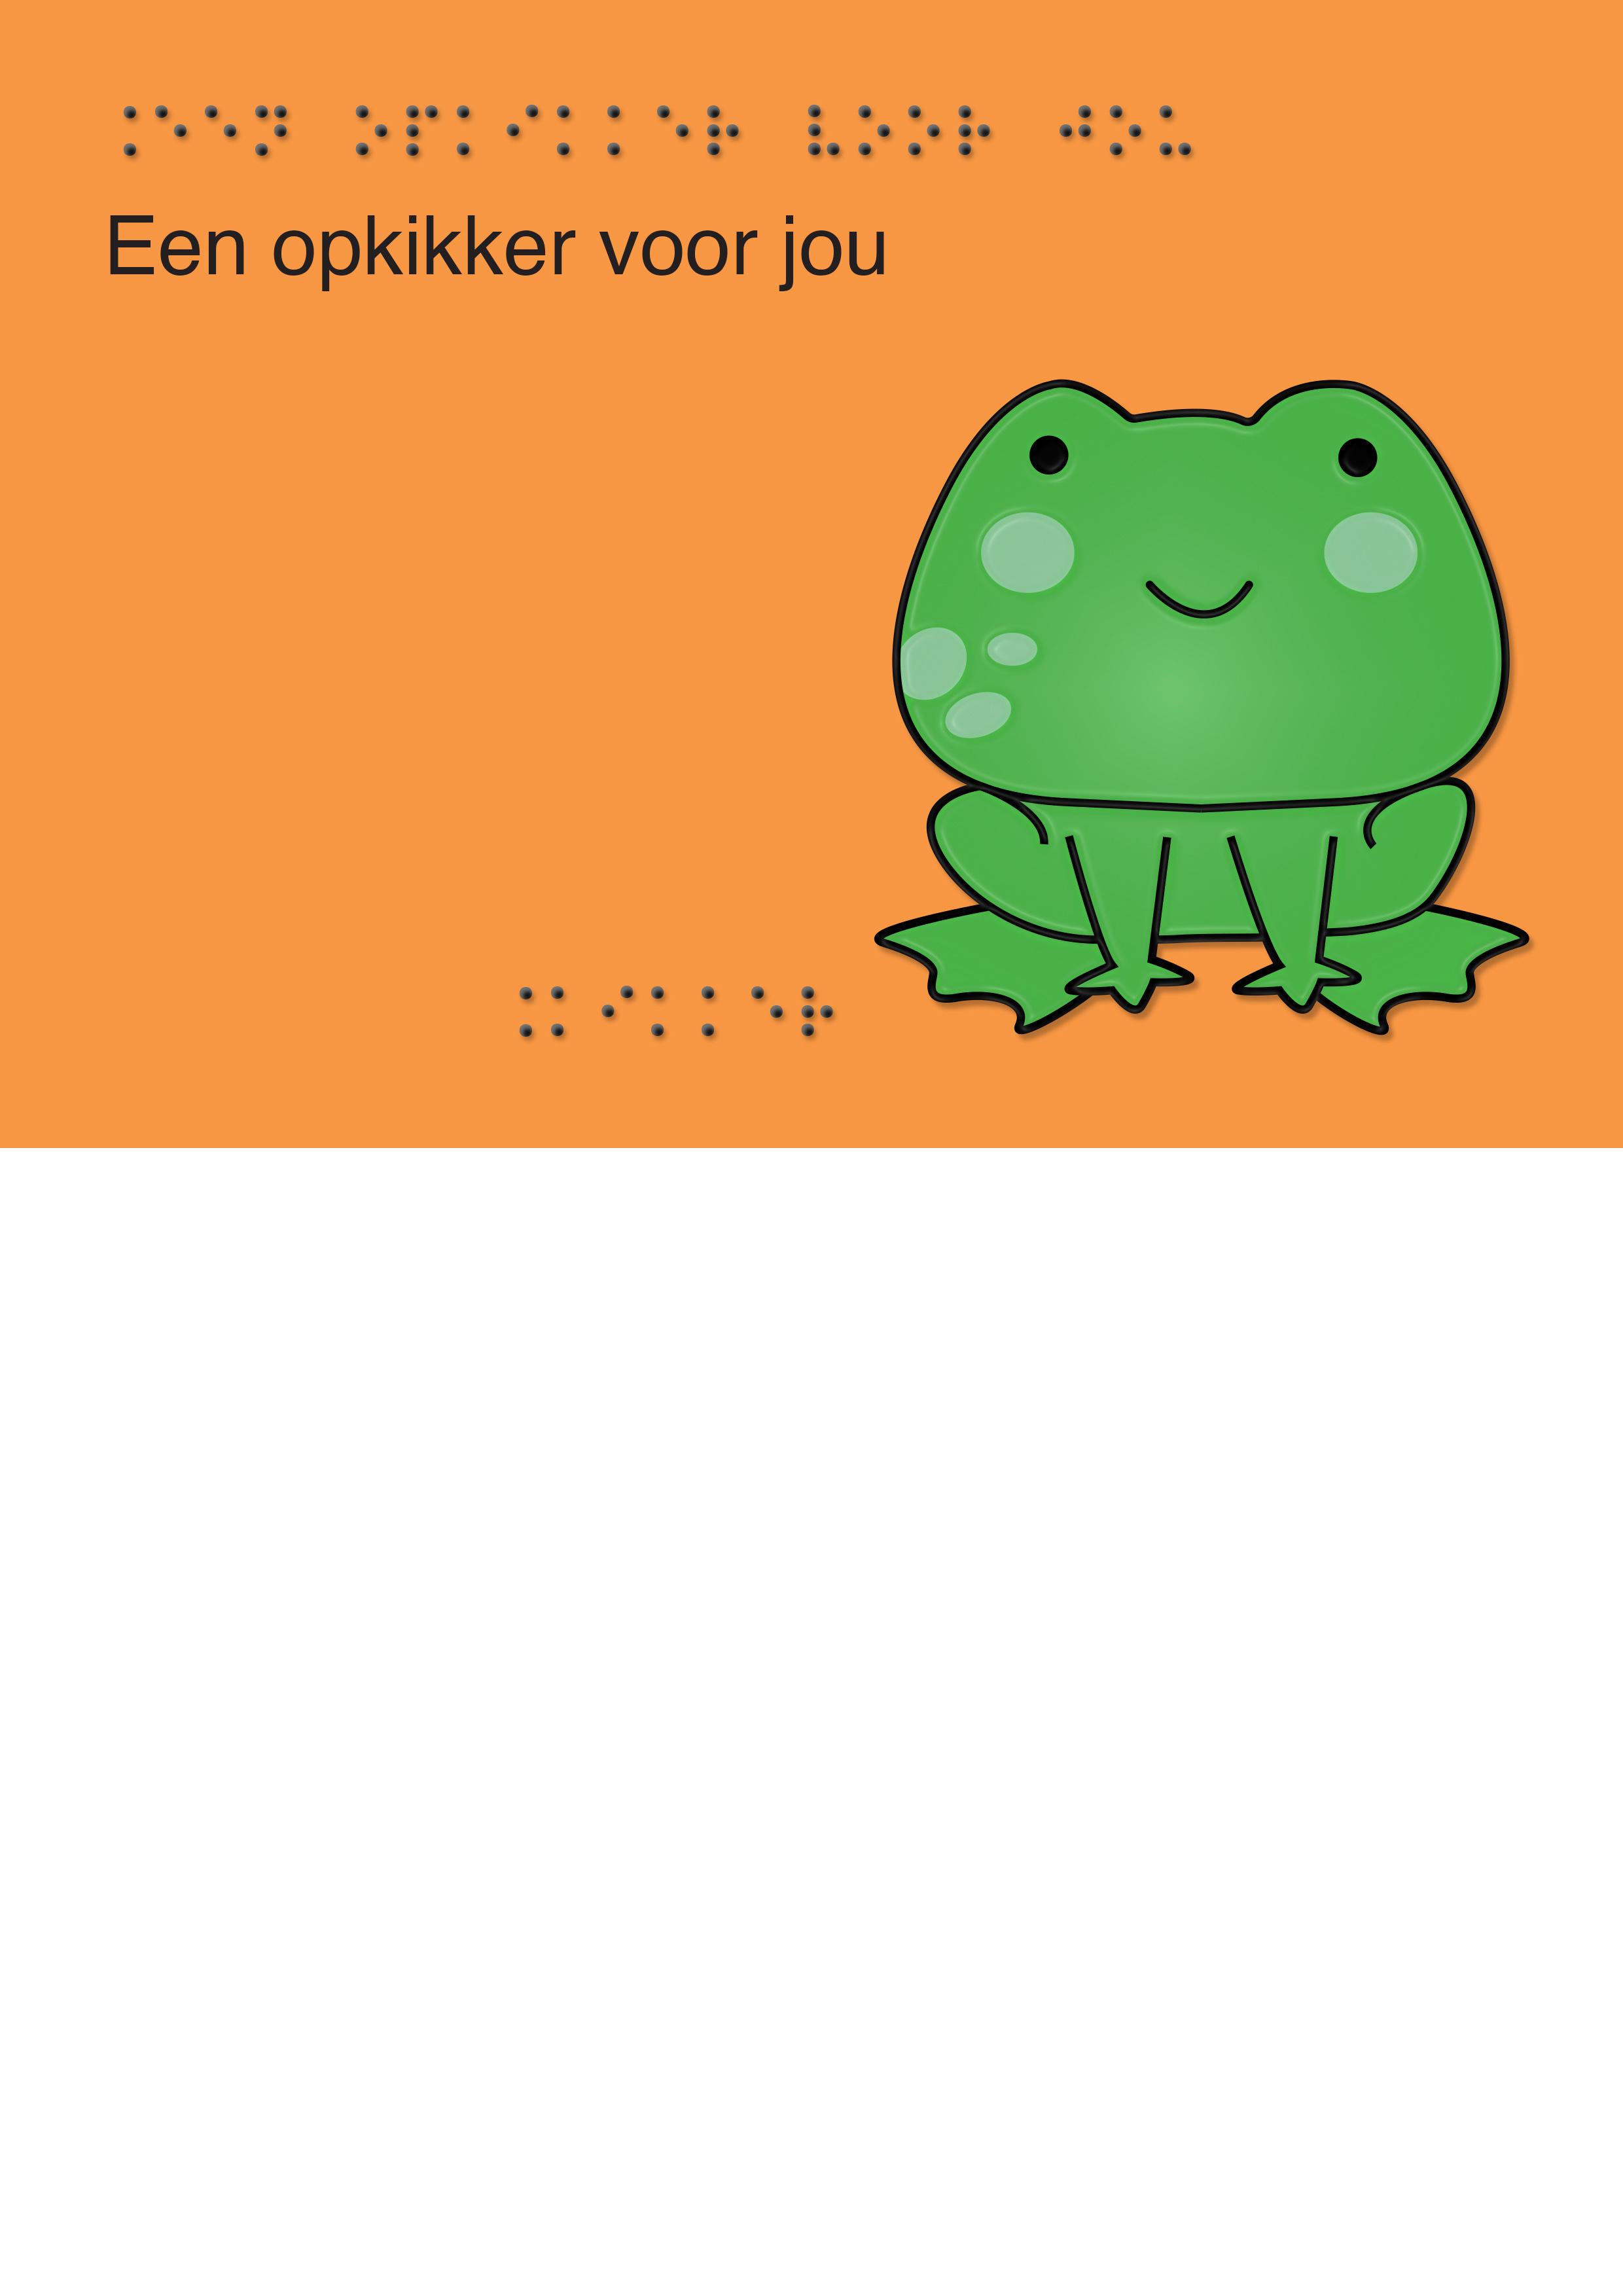 Voelbare wenskaart met braille en reliëf. In braille de tekst: Een opkikker voor jou. Met full color voelbare afbeelding van een kikker.